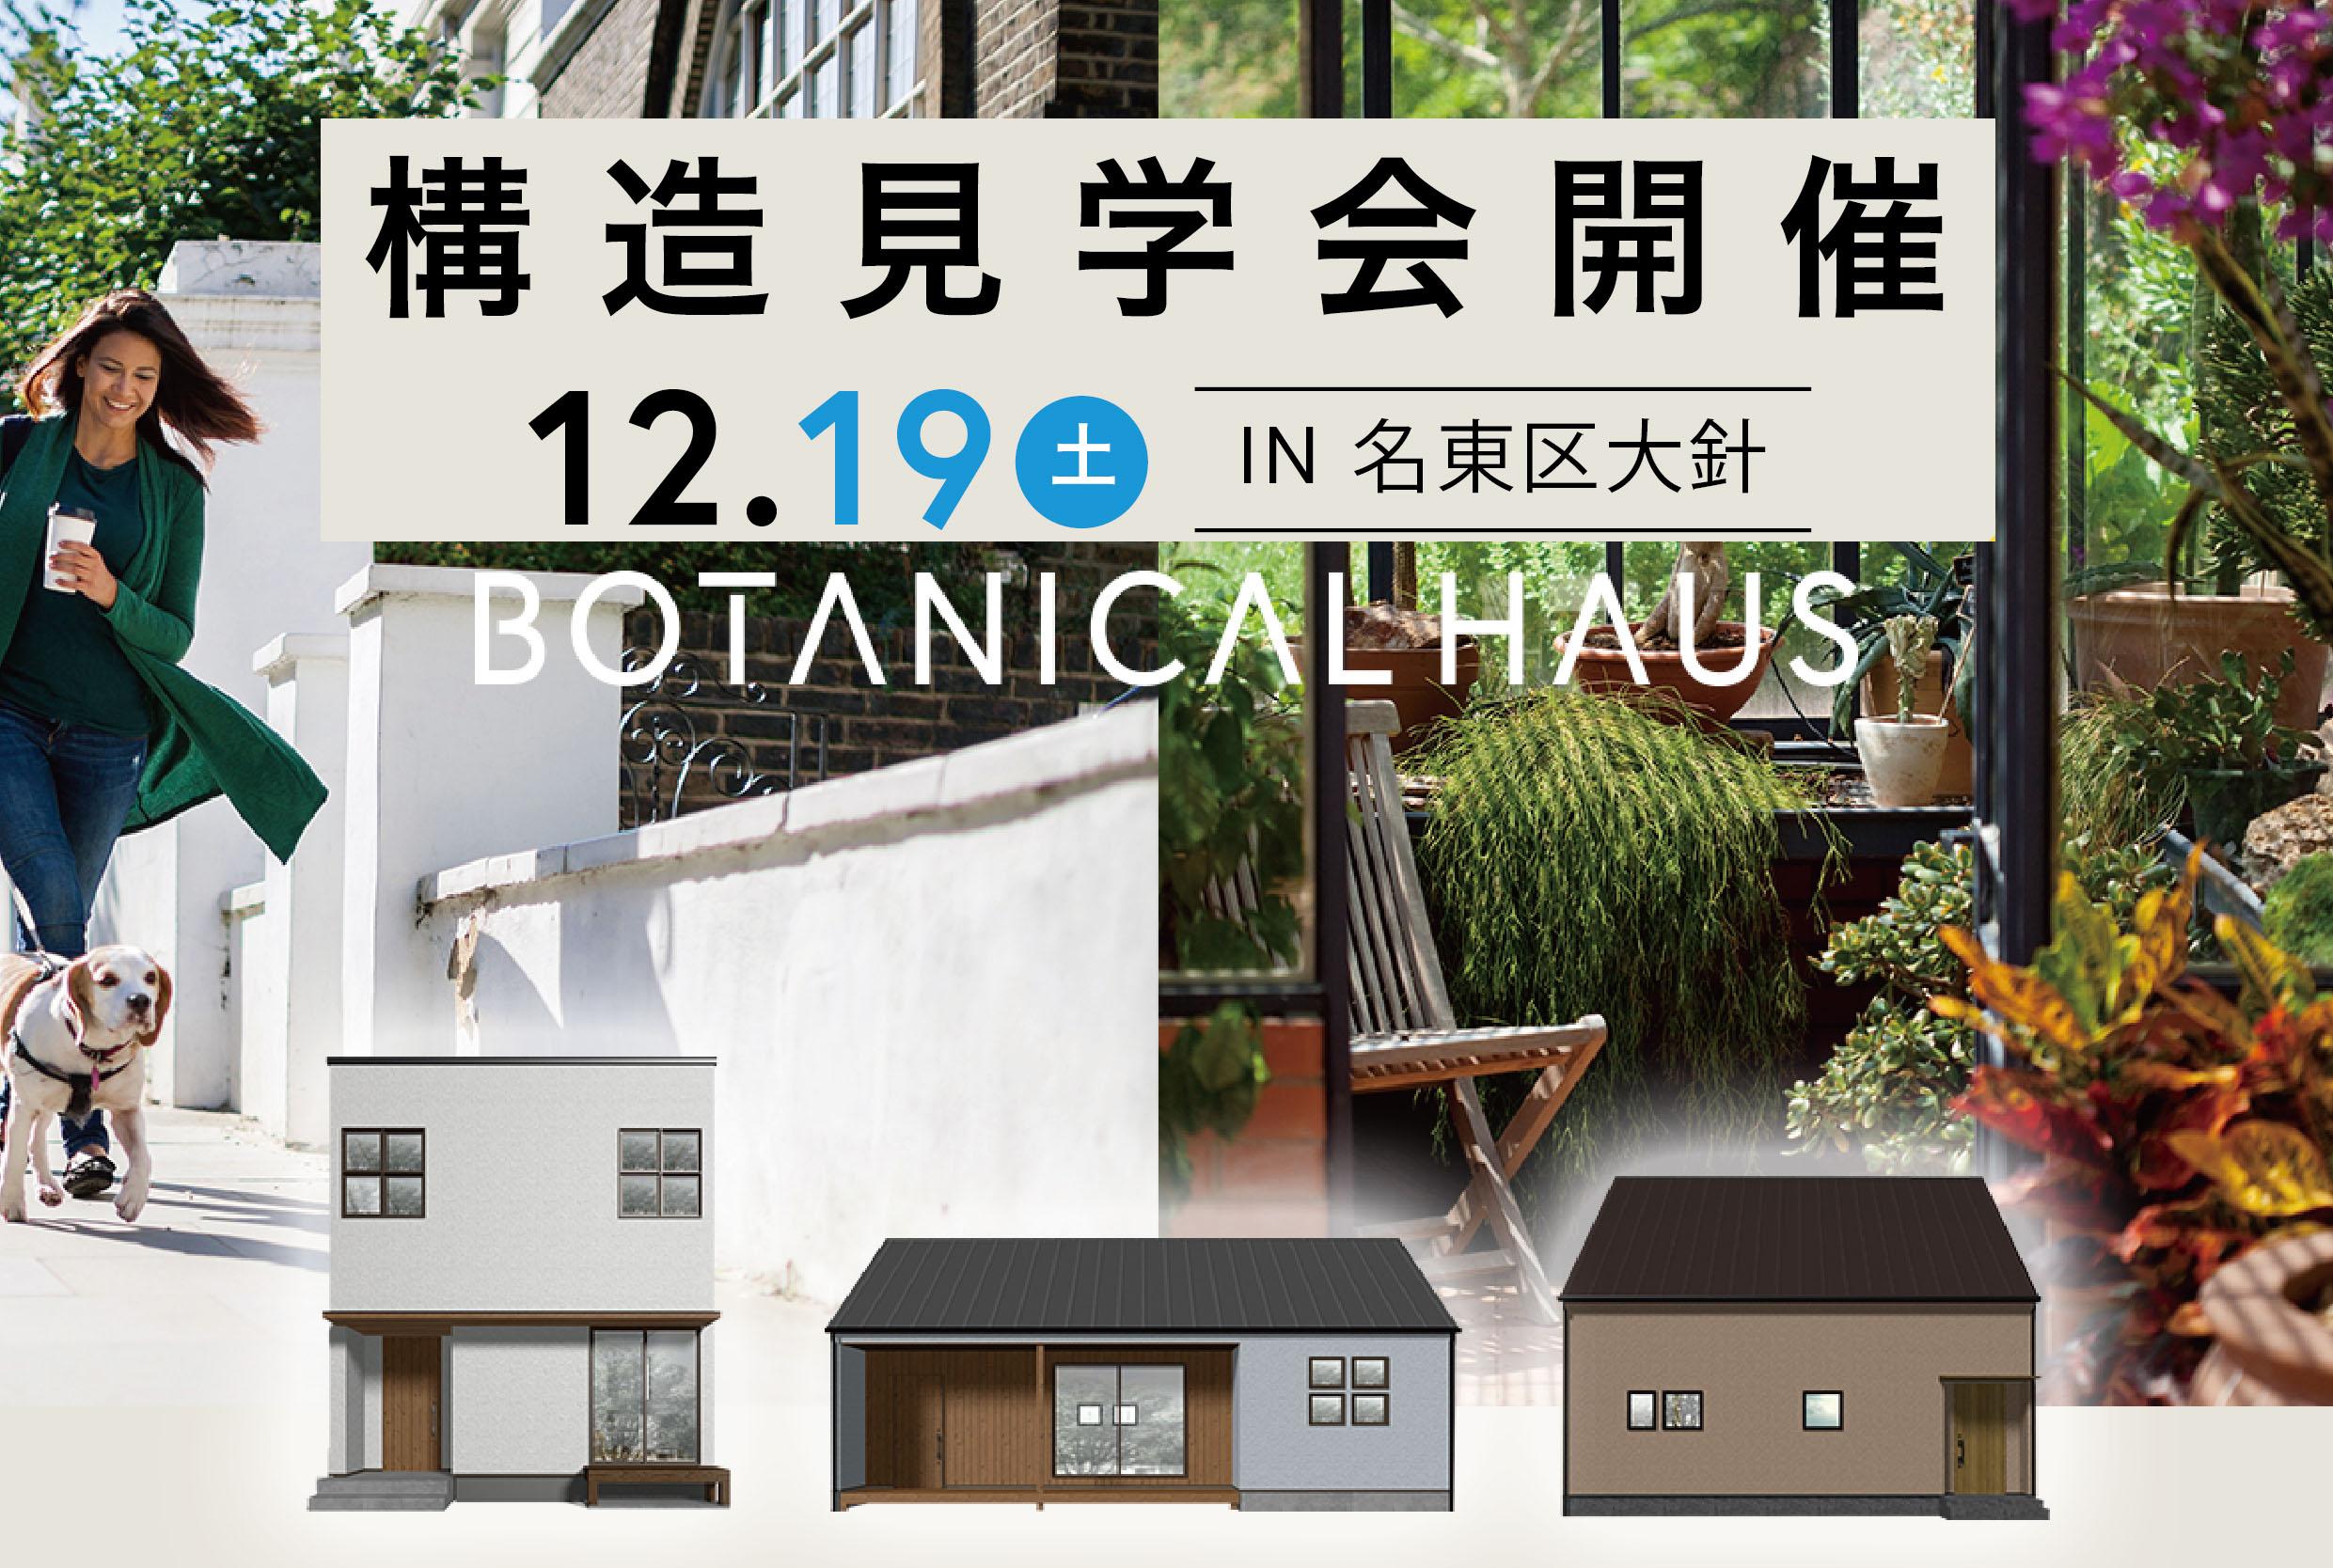 12月19日(土)<br> ボタニカルハウス構造見学会